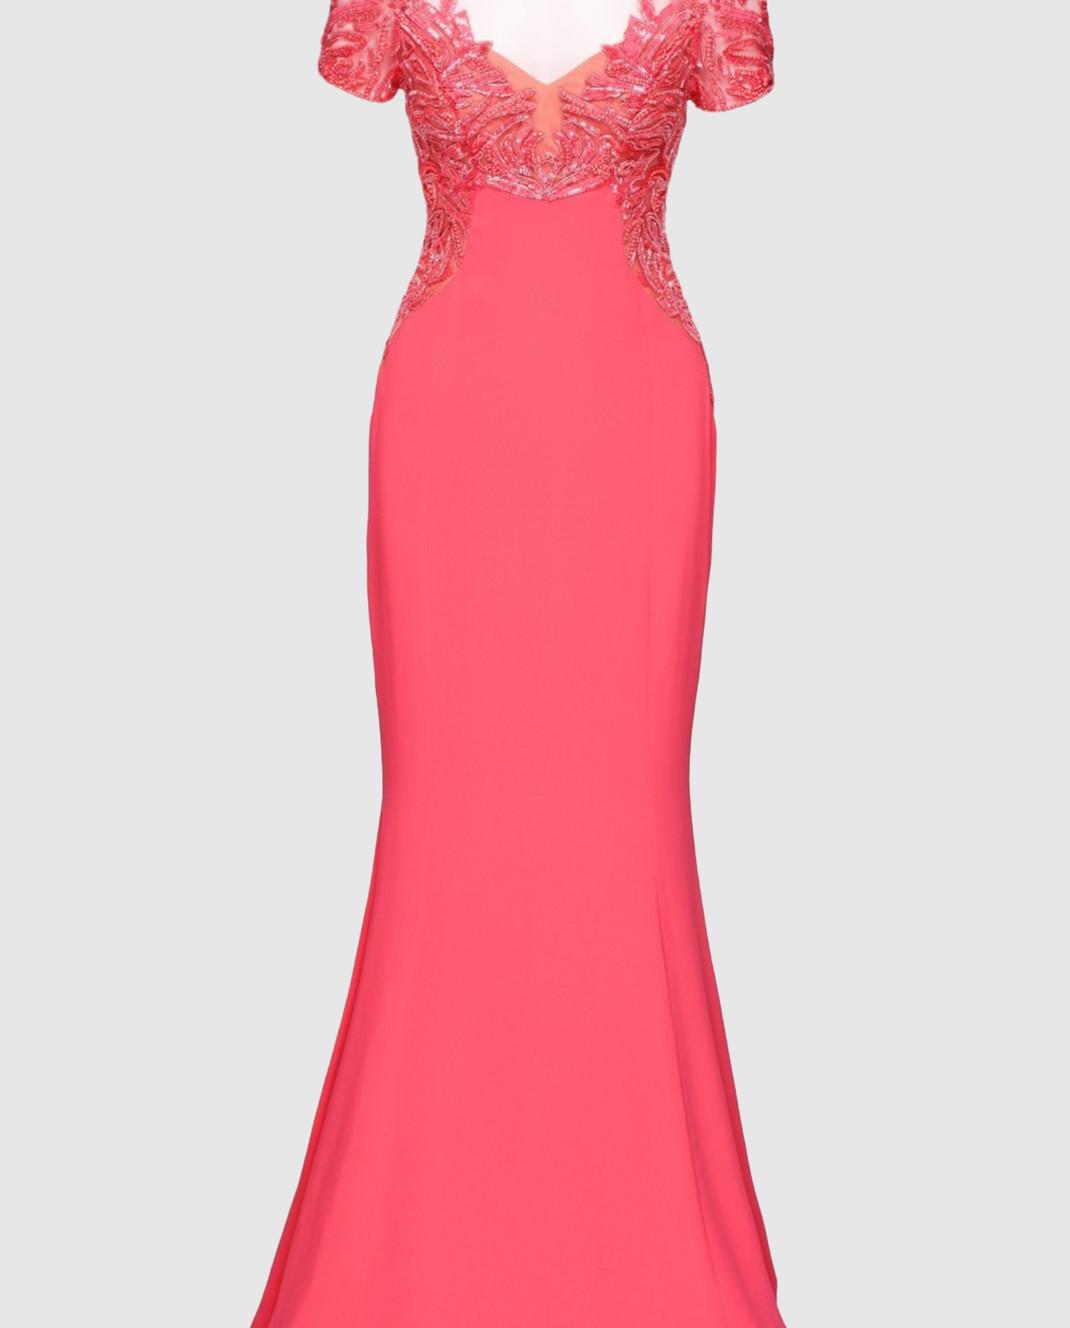 Zuhair Murad Розовое платье RDPF15029DL99